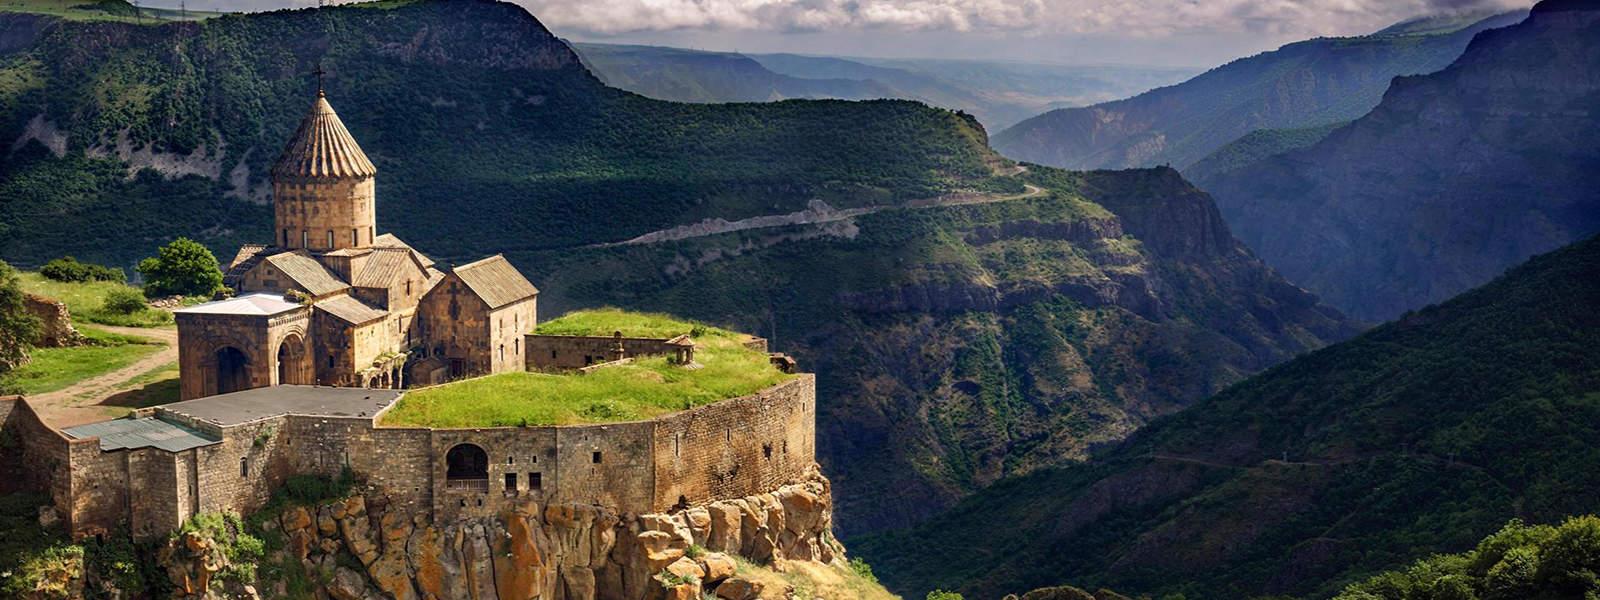 باكدج سياحي 6 أيام في أرمينيا 5 نجوم